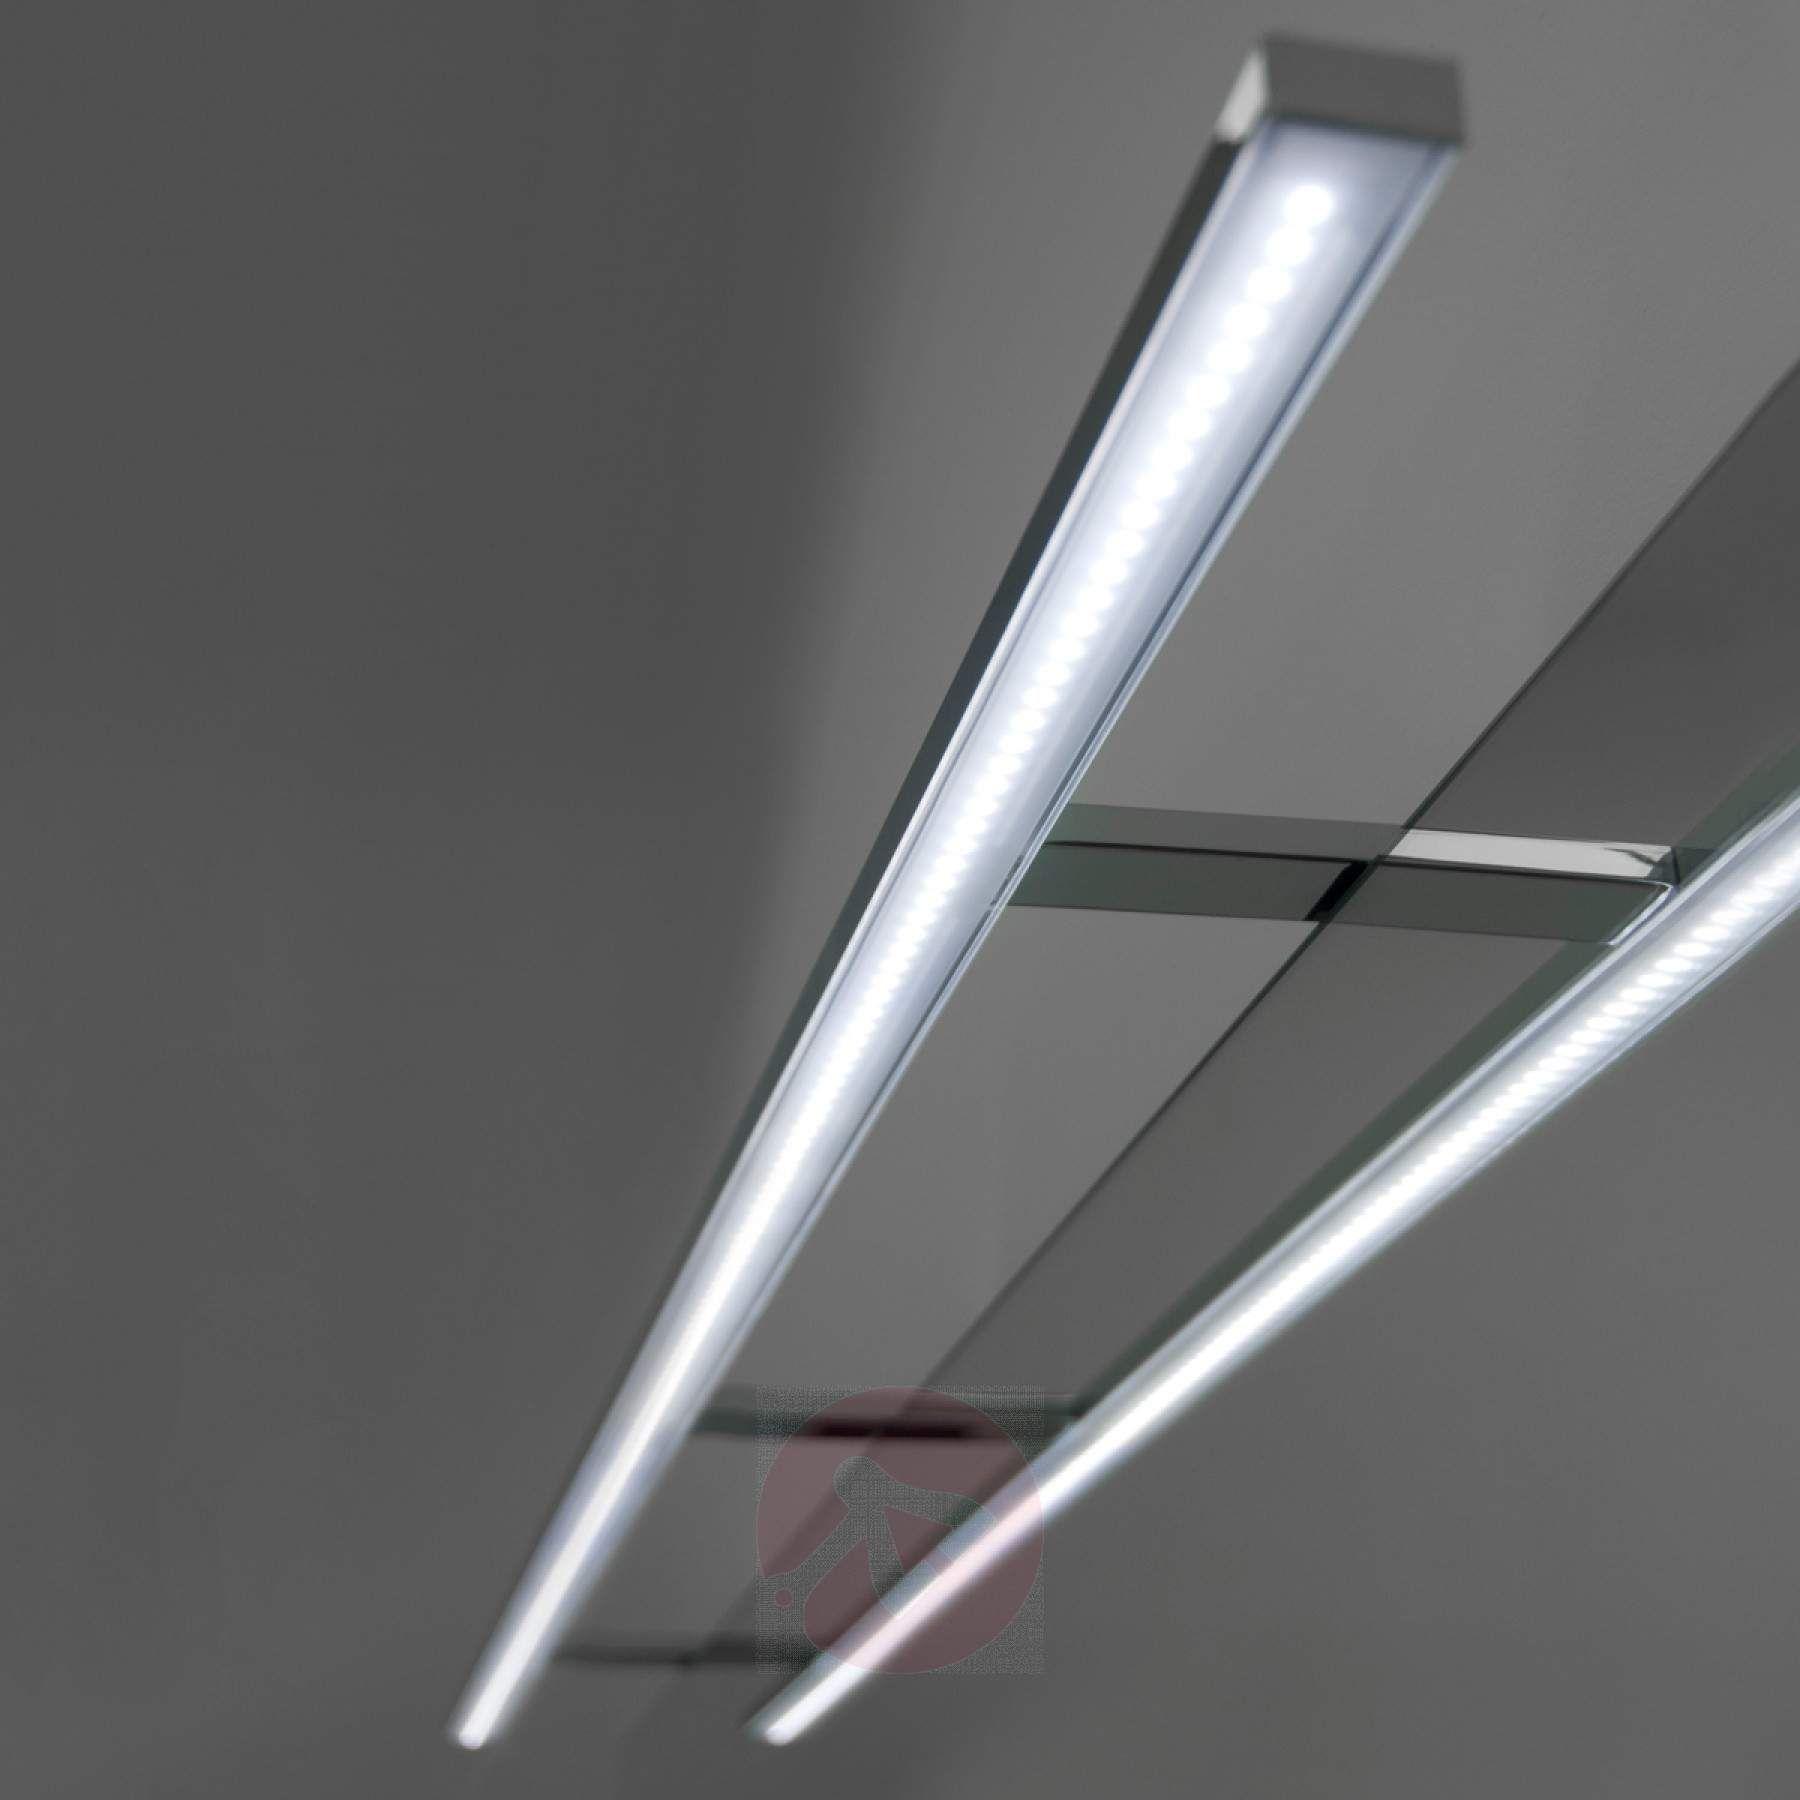 100 Cm Breite Led Spiegellampe Esther Spiegellampe Led Spiegel Lampen